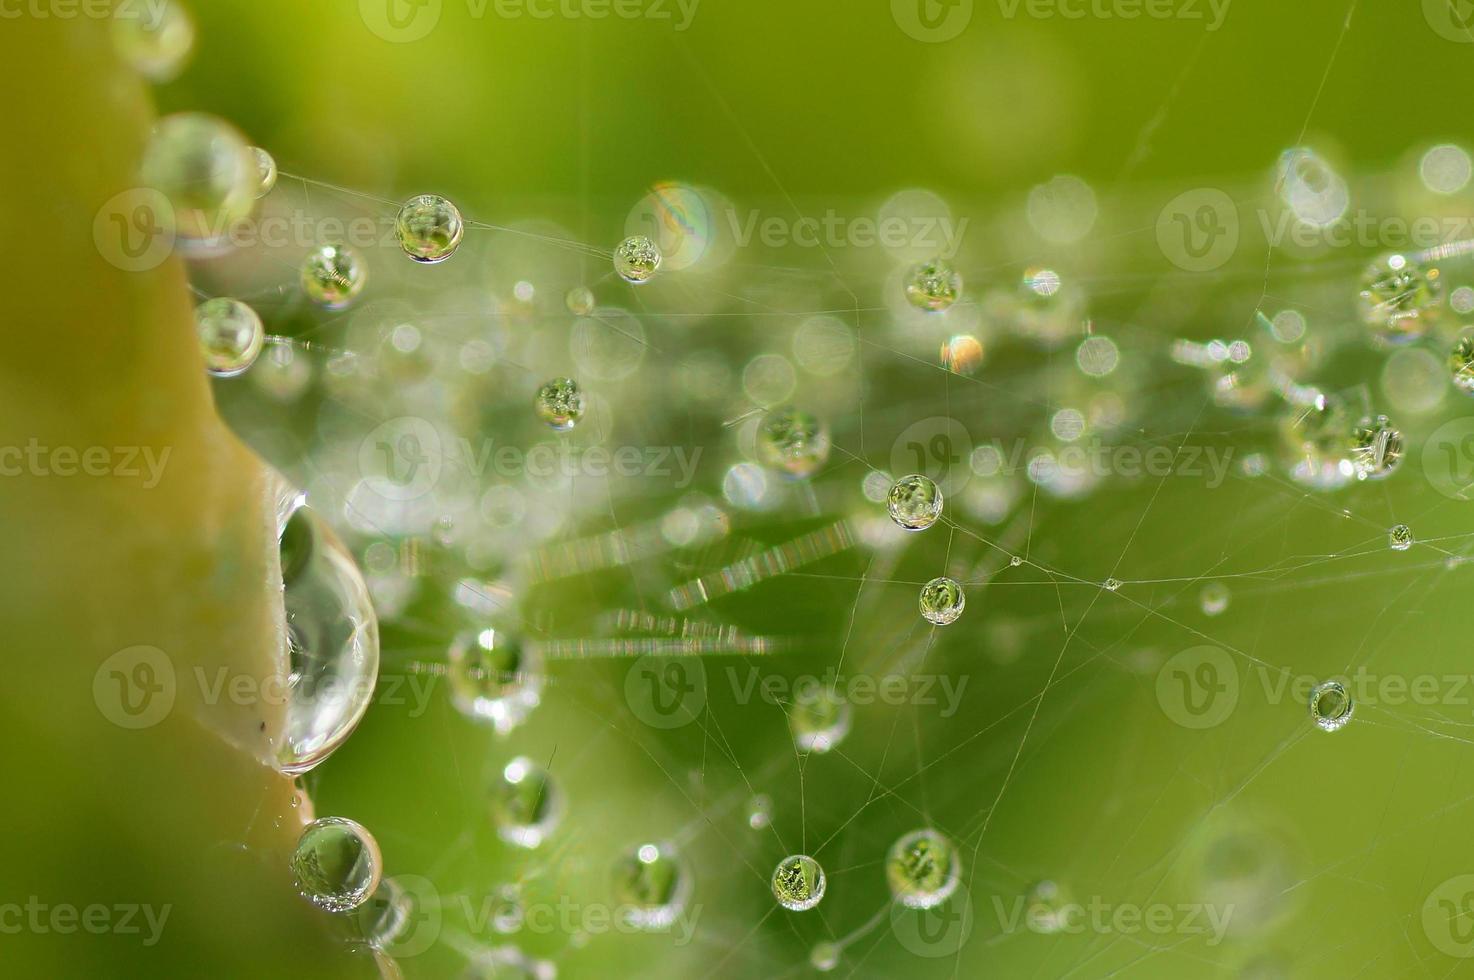 brilho do sol, gotas de orvalho em uma teia de aranha, dia ensolarado foto